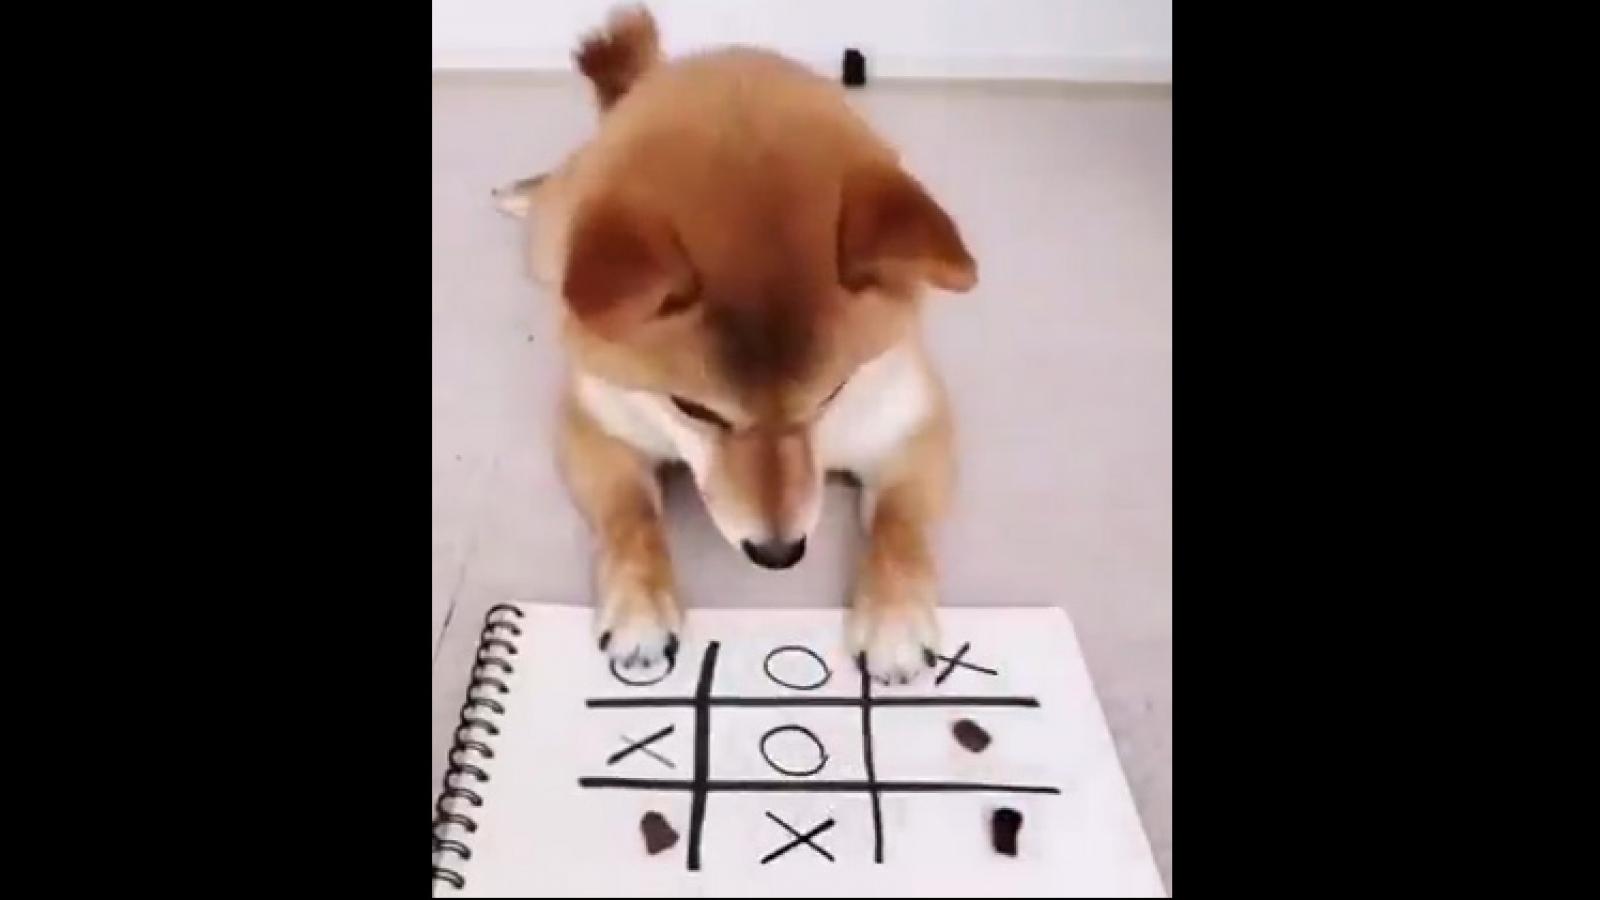 Video: Chú chó chiến thắng chủ nhân khi chơi cờ caro 9 ô